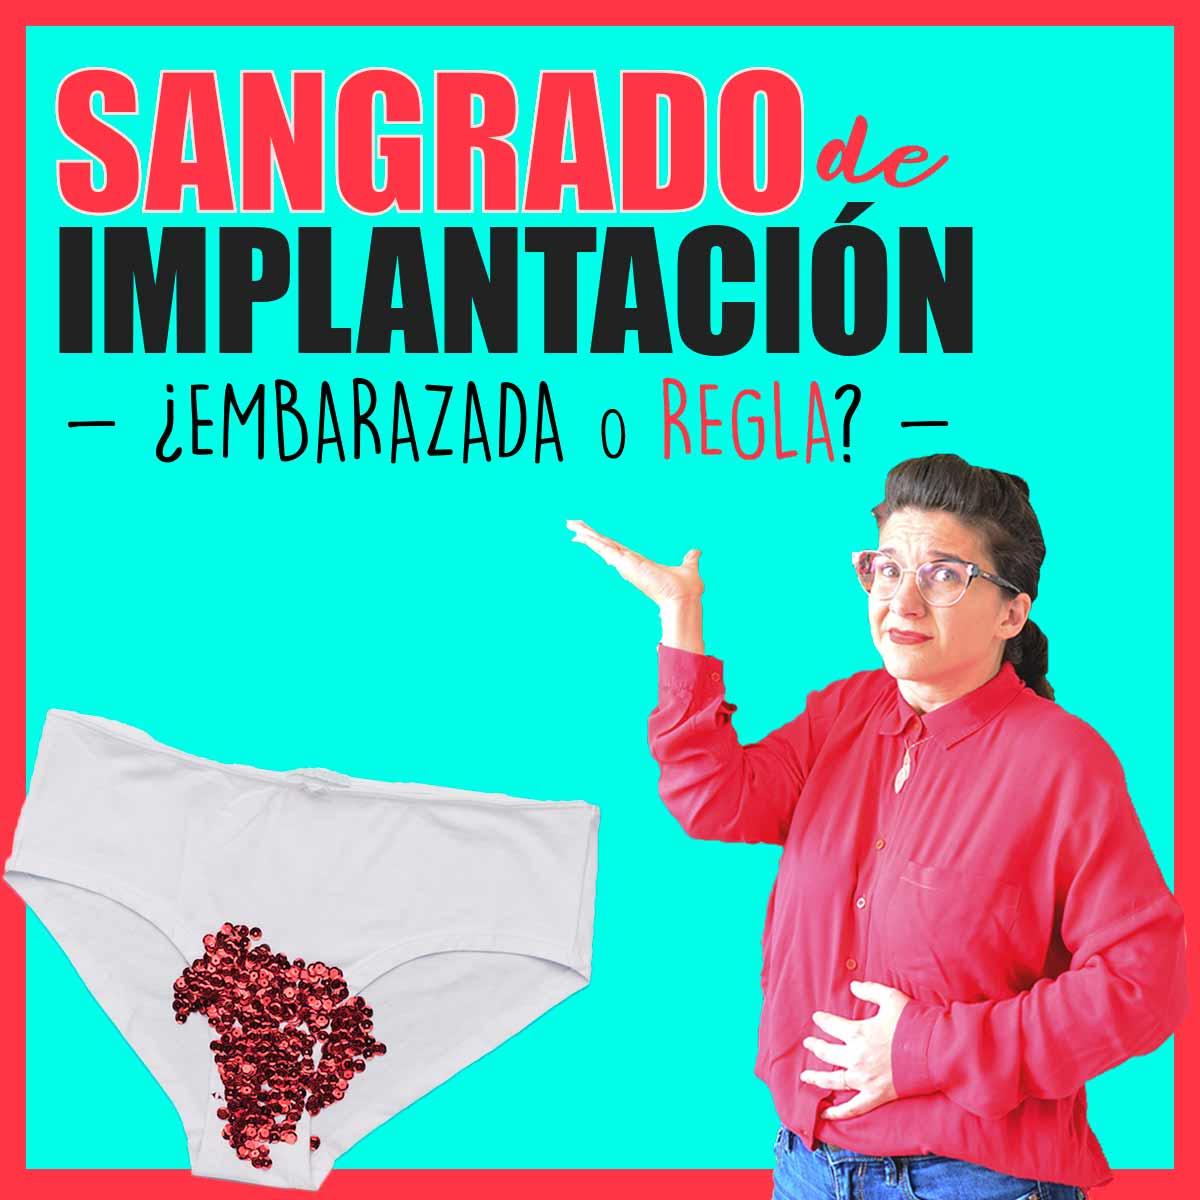 sangrado-implantacion-embrion-o-regla-menstruacion-estoy-embarazada-como-saberlo-IG